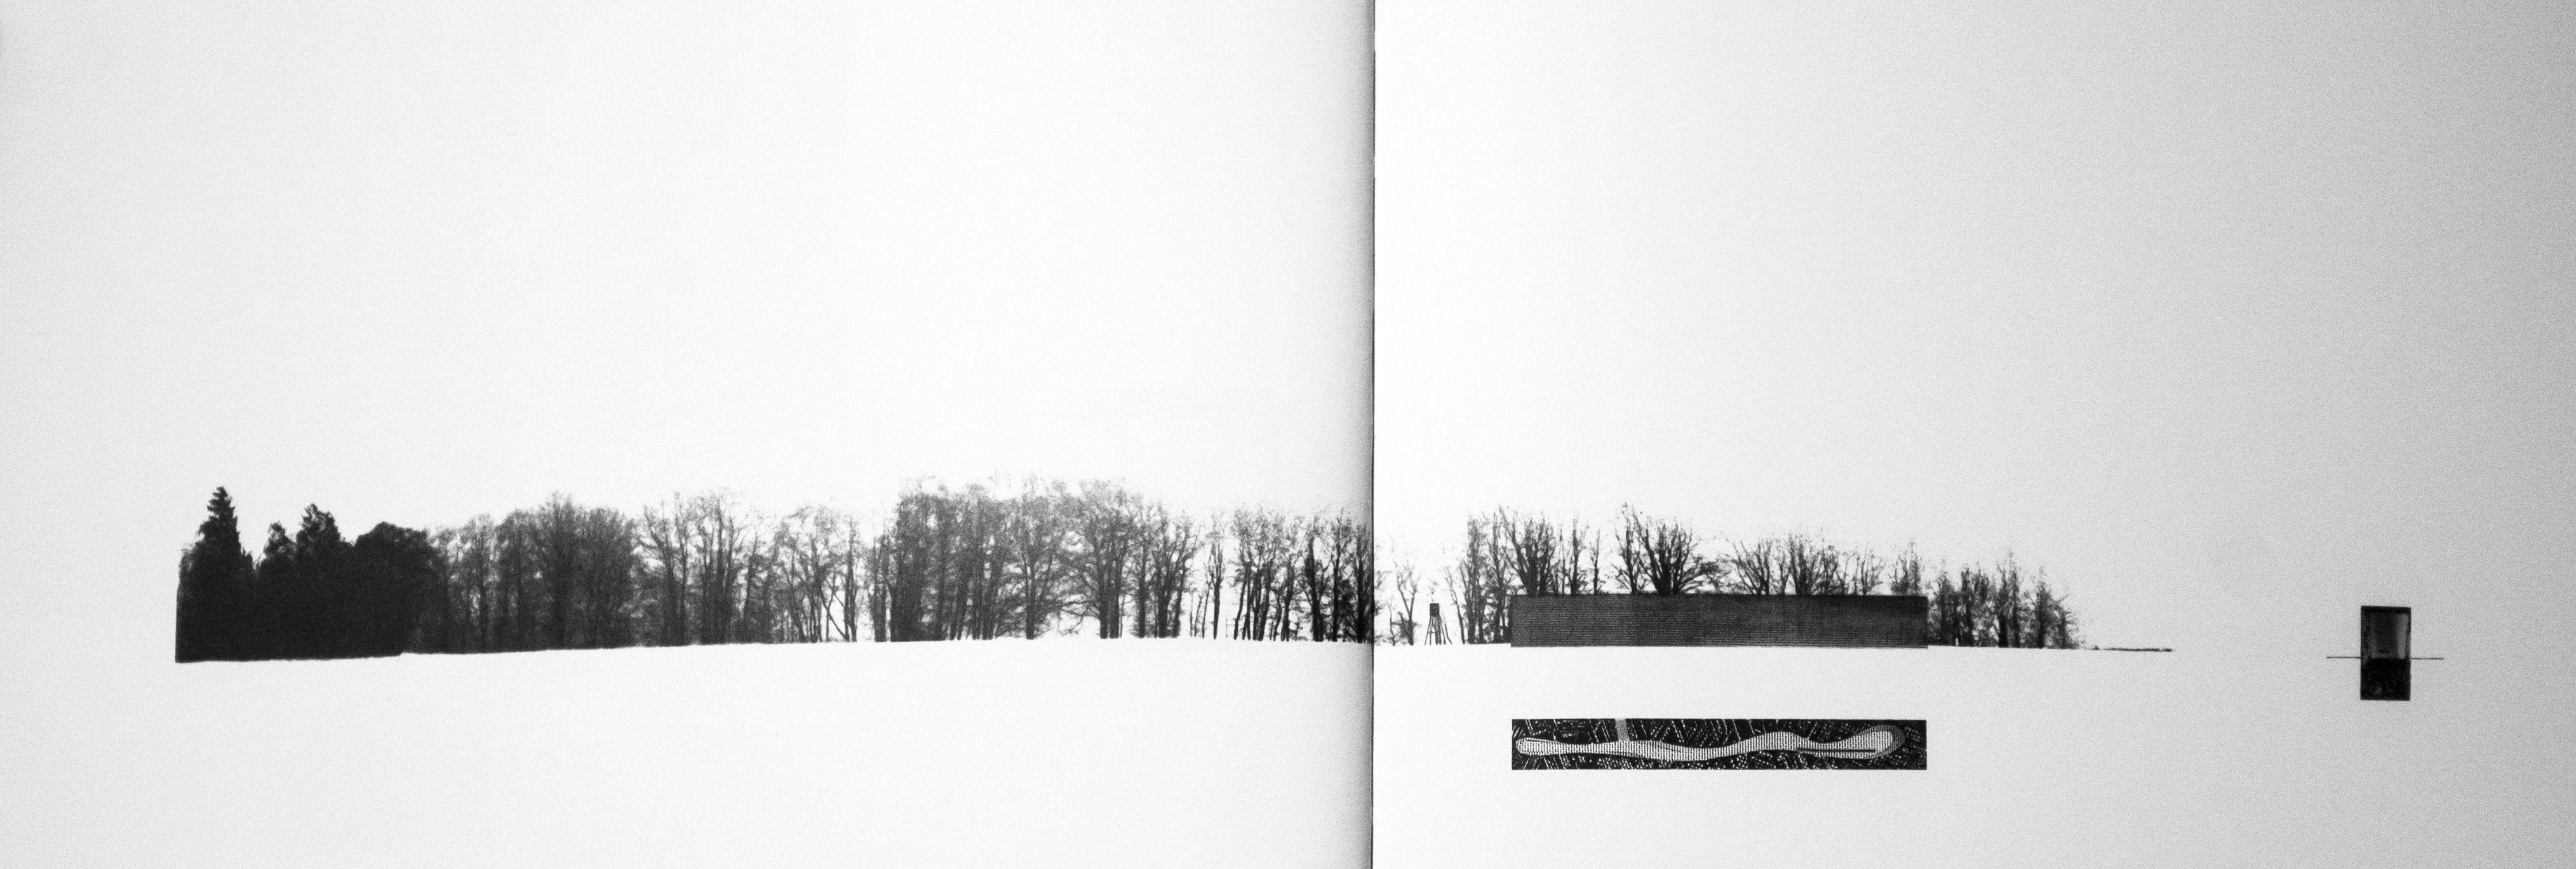 Architekt Bad Salzuflen zumthor poetic landscape bad salzuflen germania 1998 99